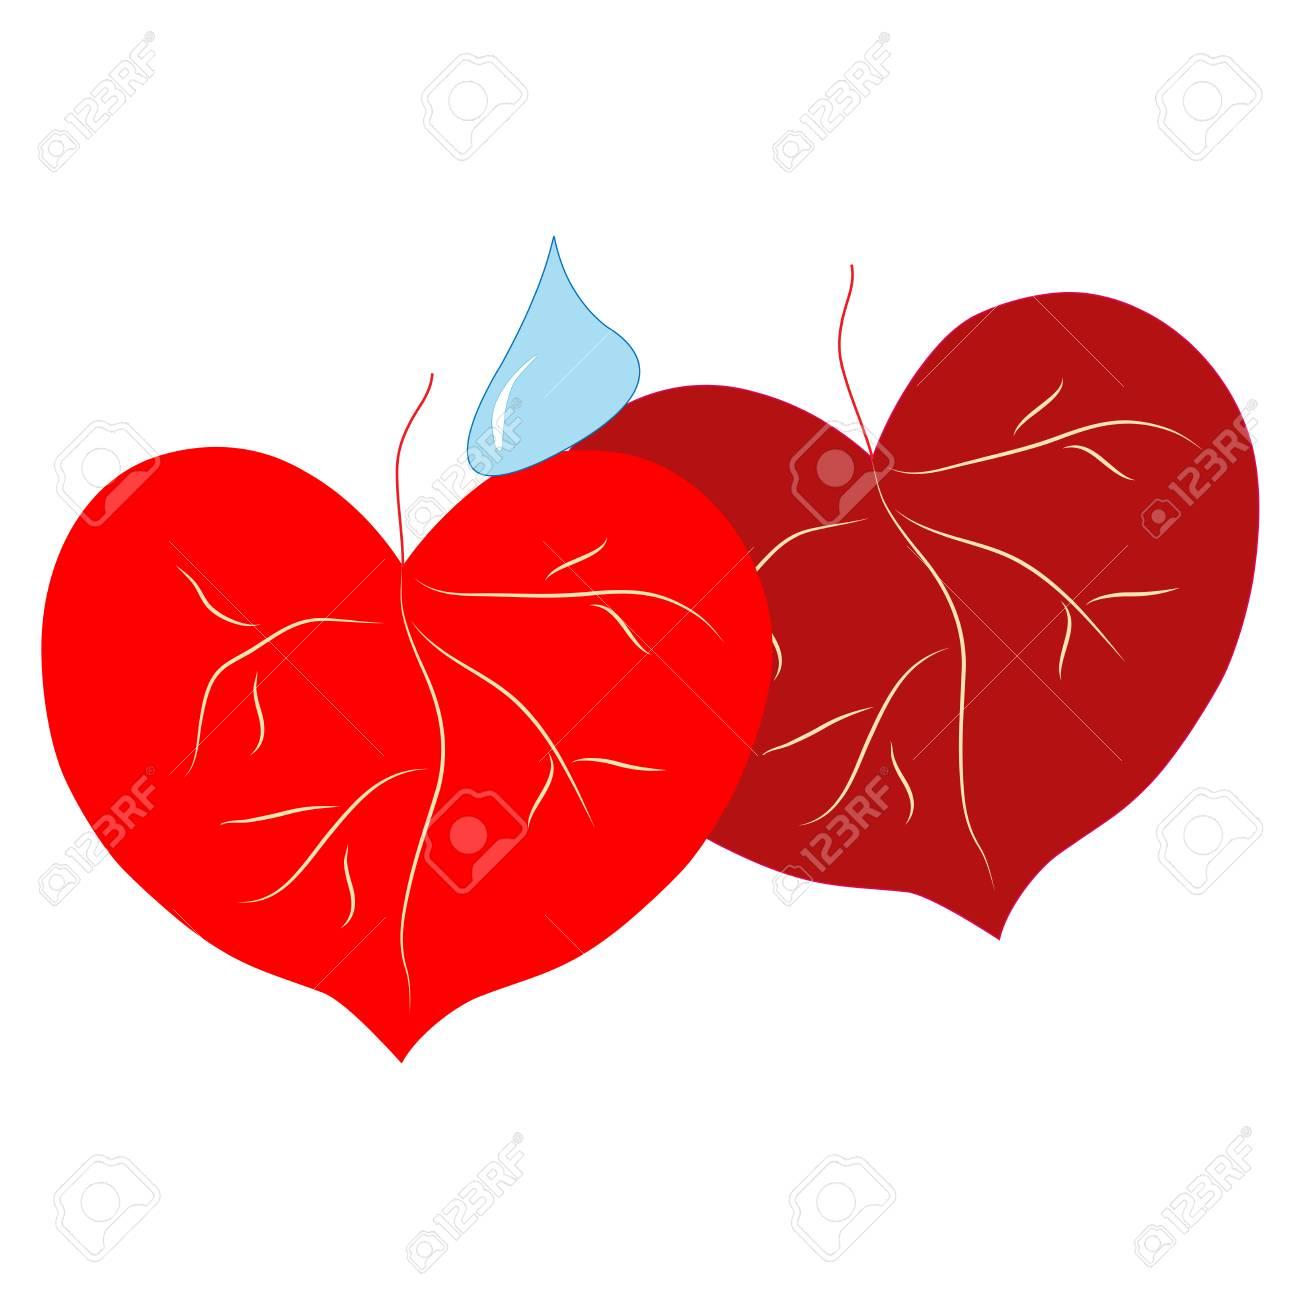 Wunderbar Herz Ppt Vorlage Bilder - Beispielzusammenfassung Ideen ...